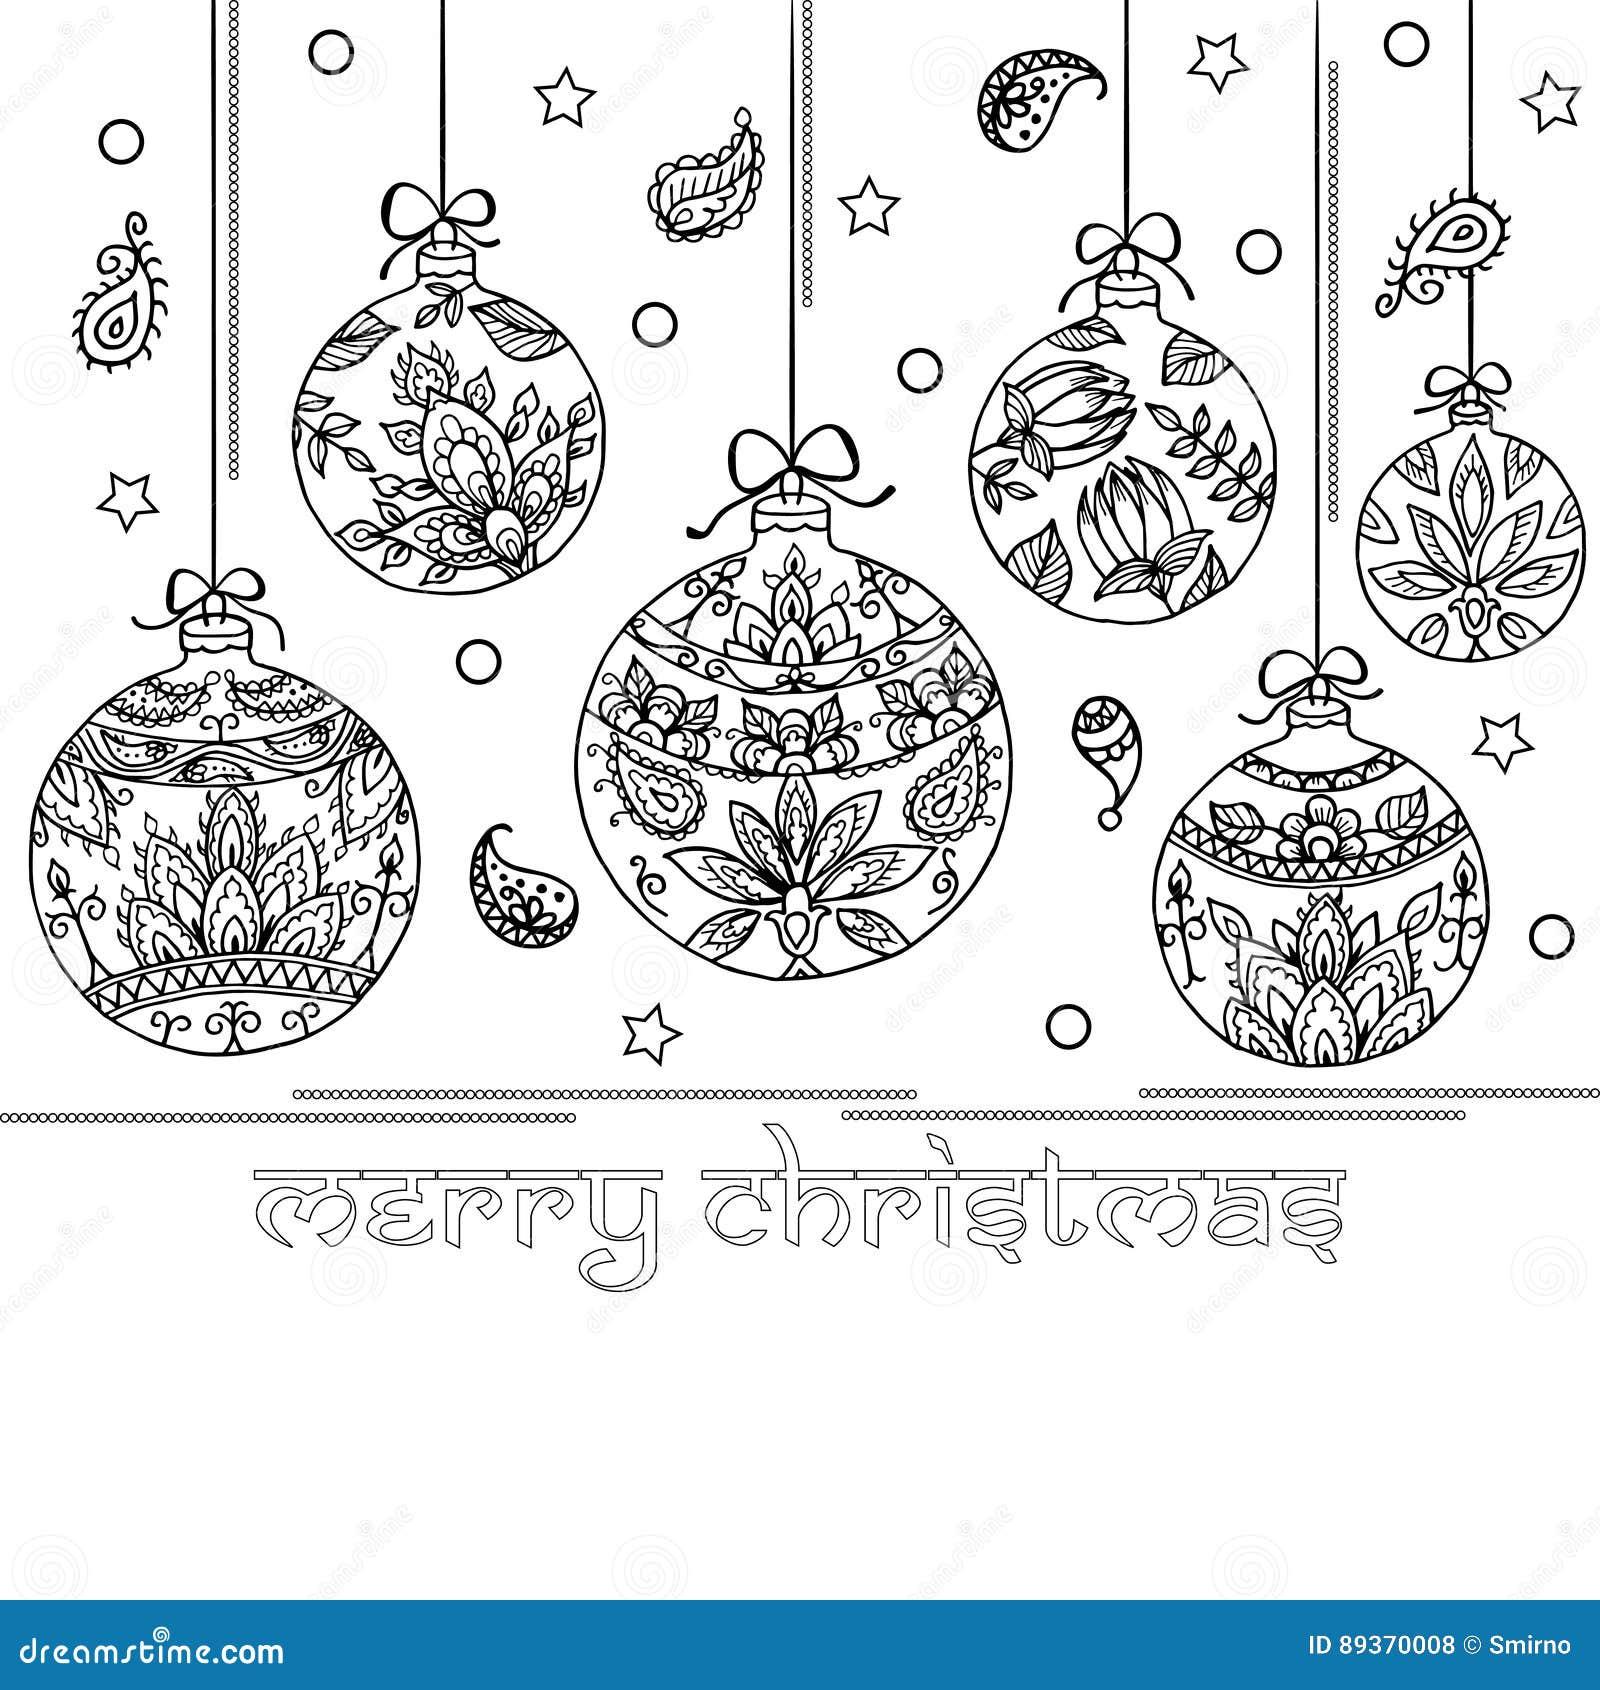 Immagini Natale In Bianco E Nero.Fondo In Bianco E Nero Con Le Palle Di Natale Indiano Di Paisley Illustrazione Vettoriale Illustrazione Di Decorazione Illustrazione 89370008